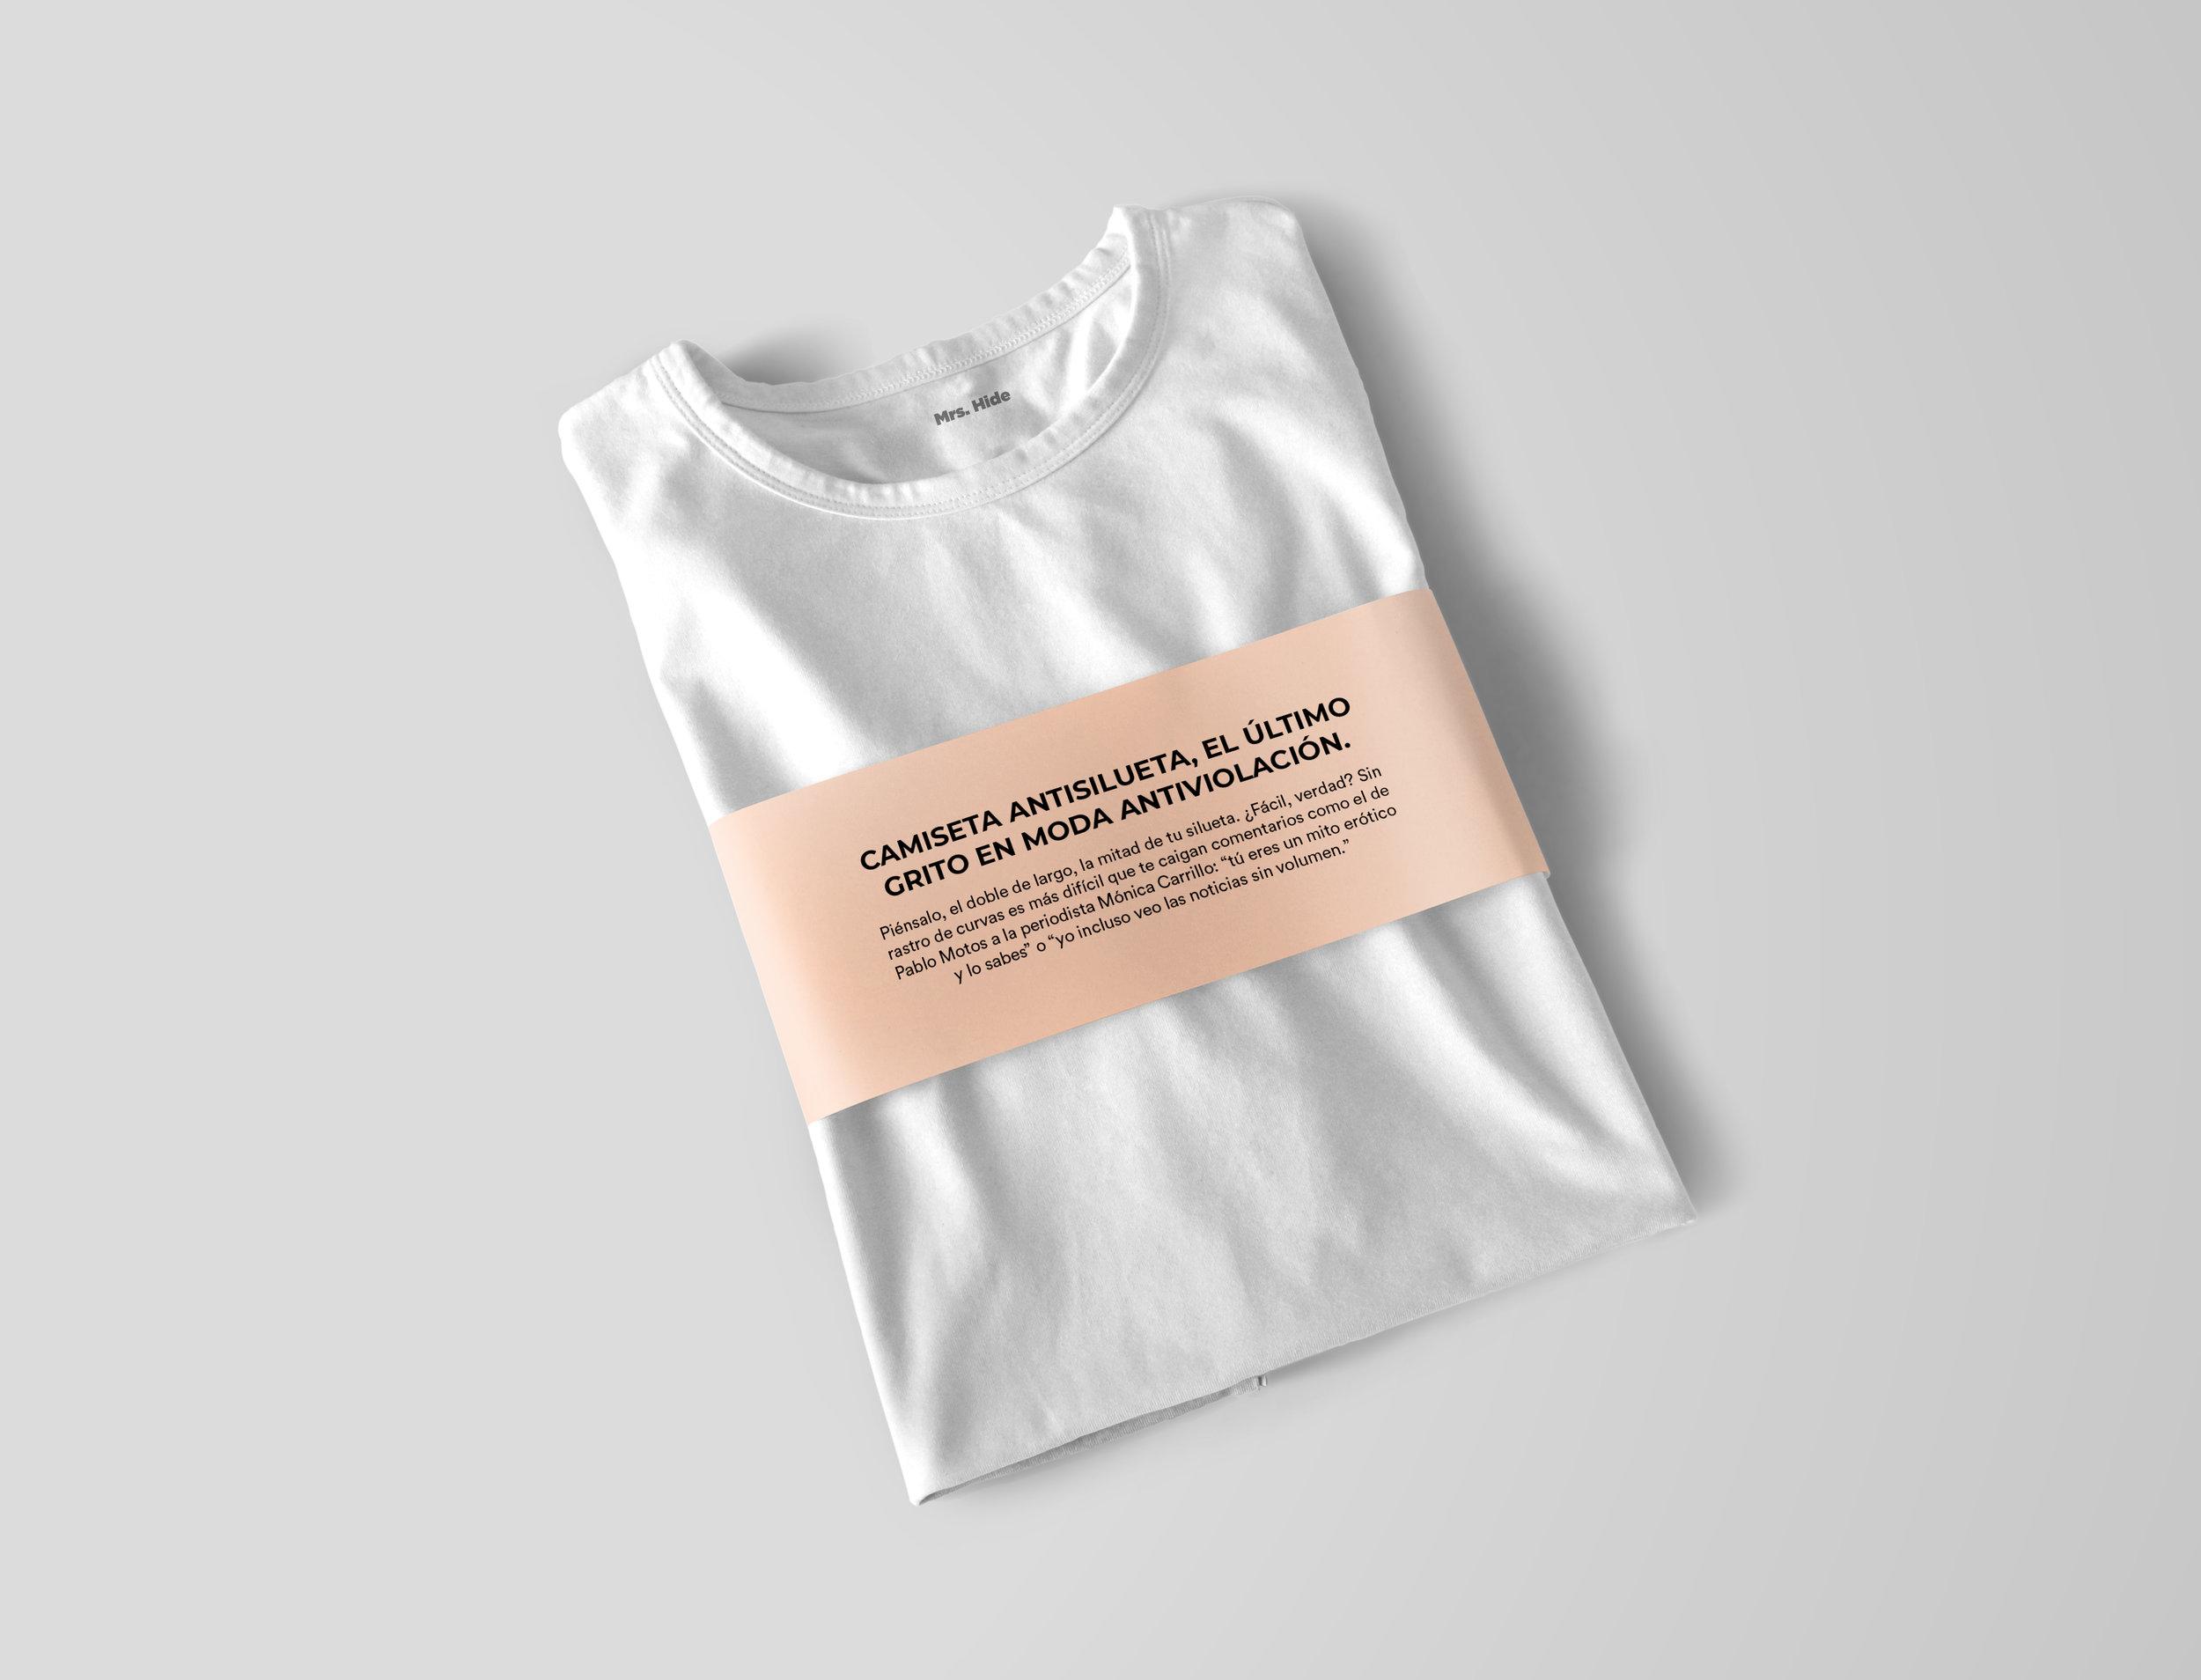 Dress code para el lanzamiento